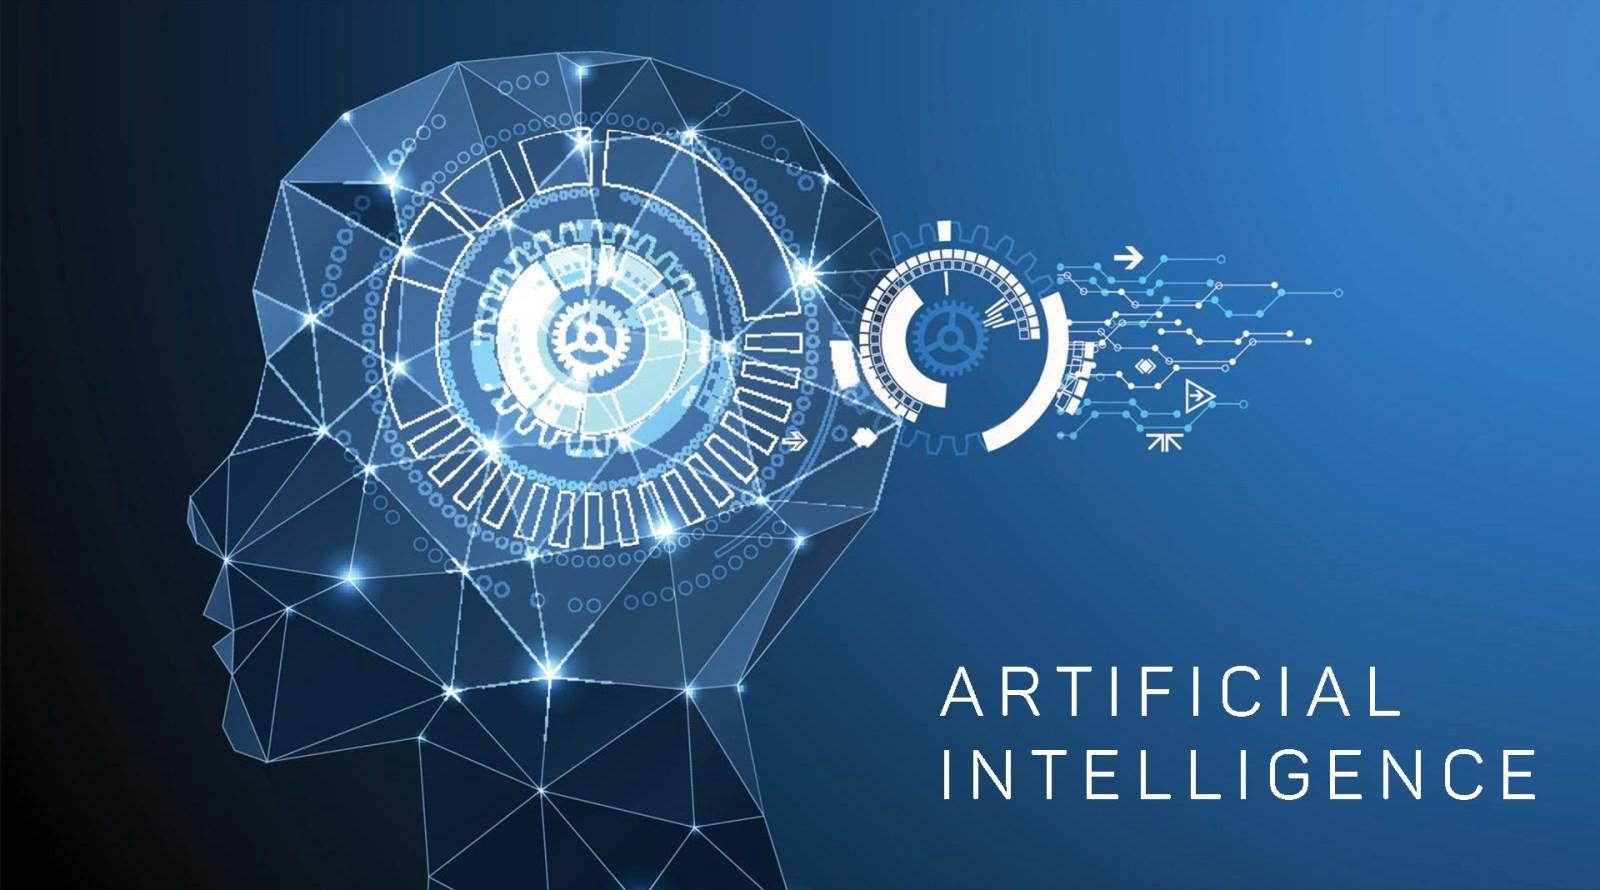 هدف و کاربردهای هوش مصنوعی کدامند؟